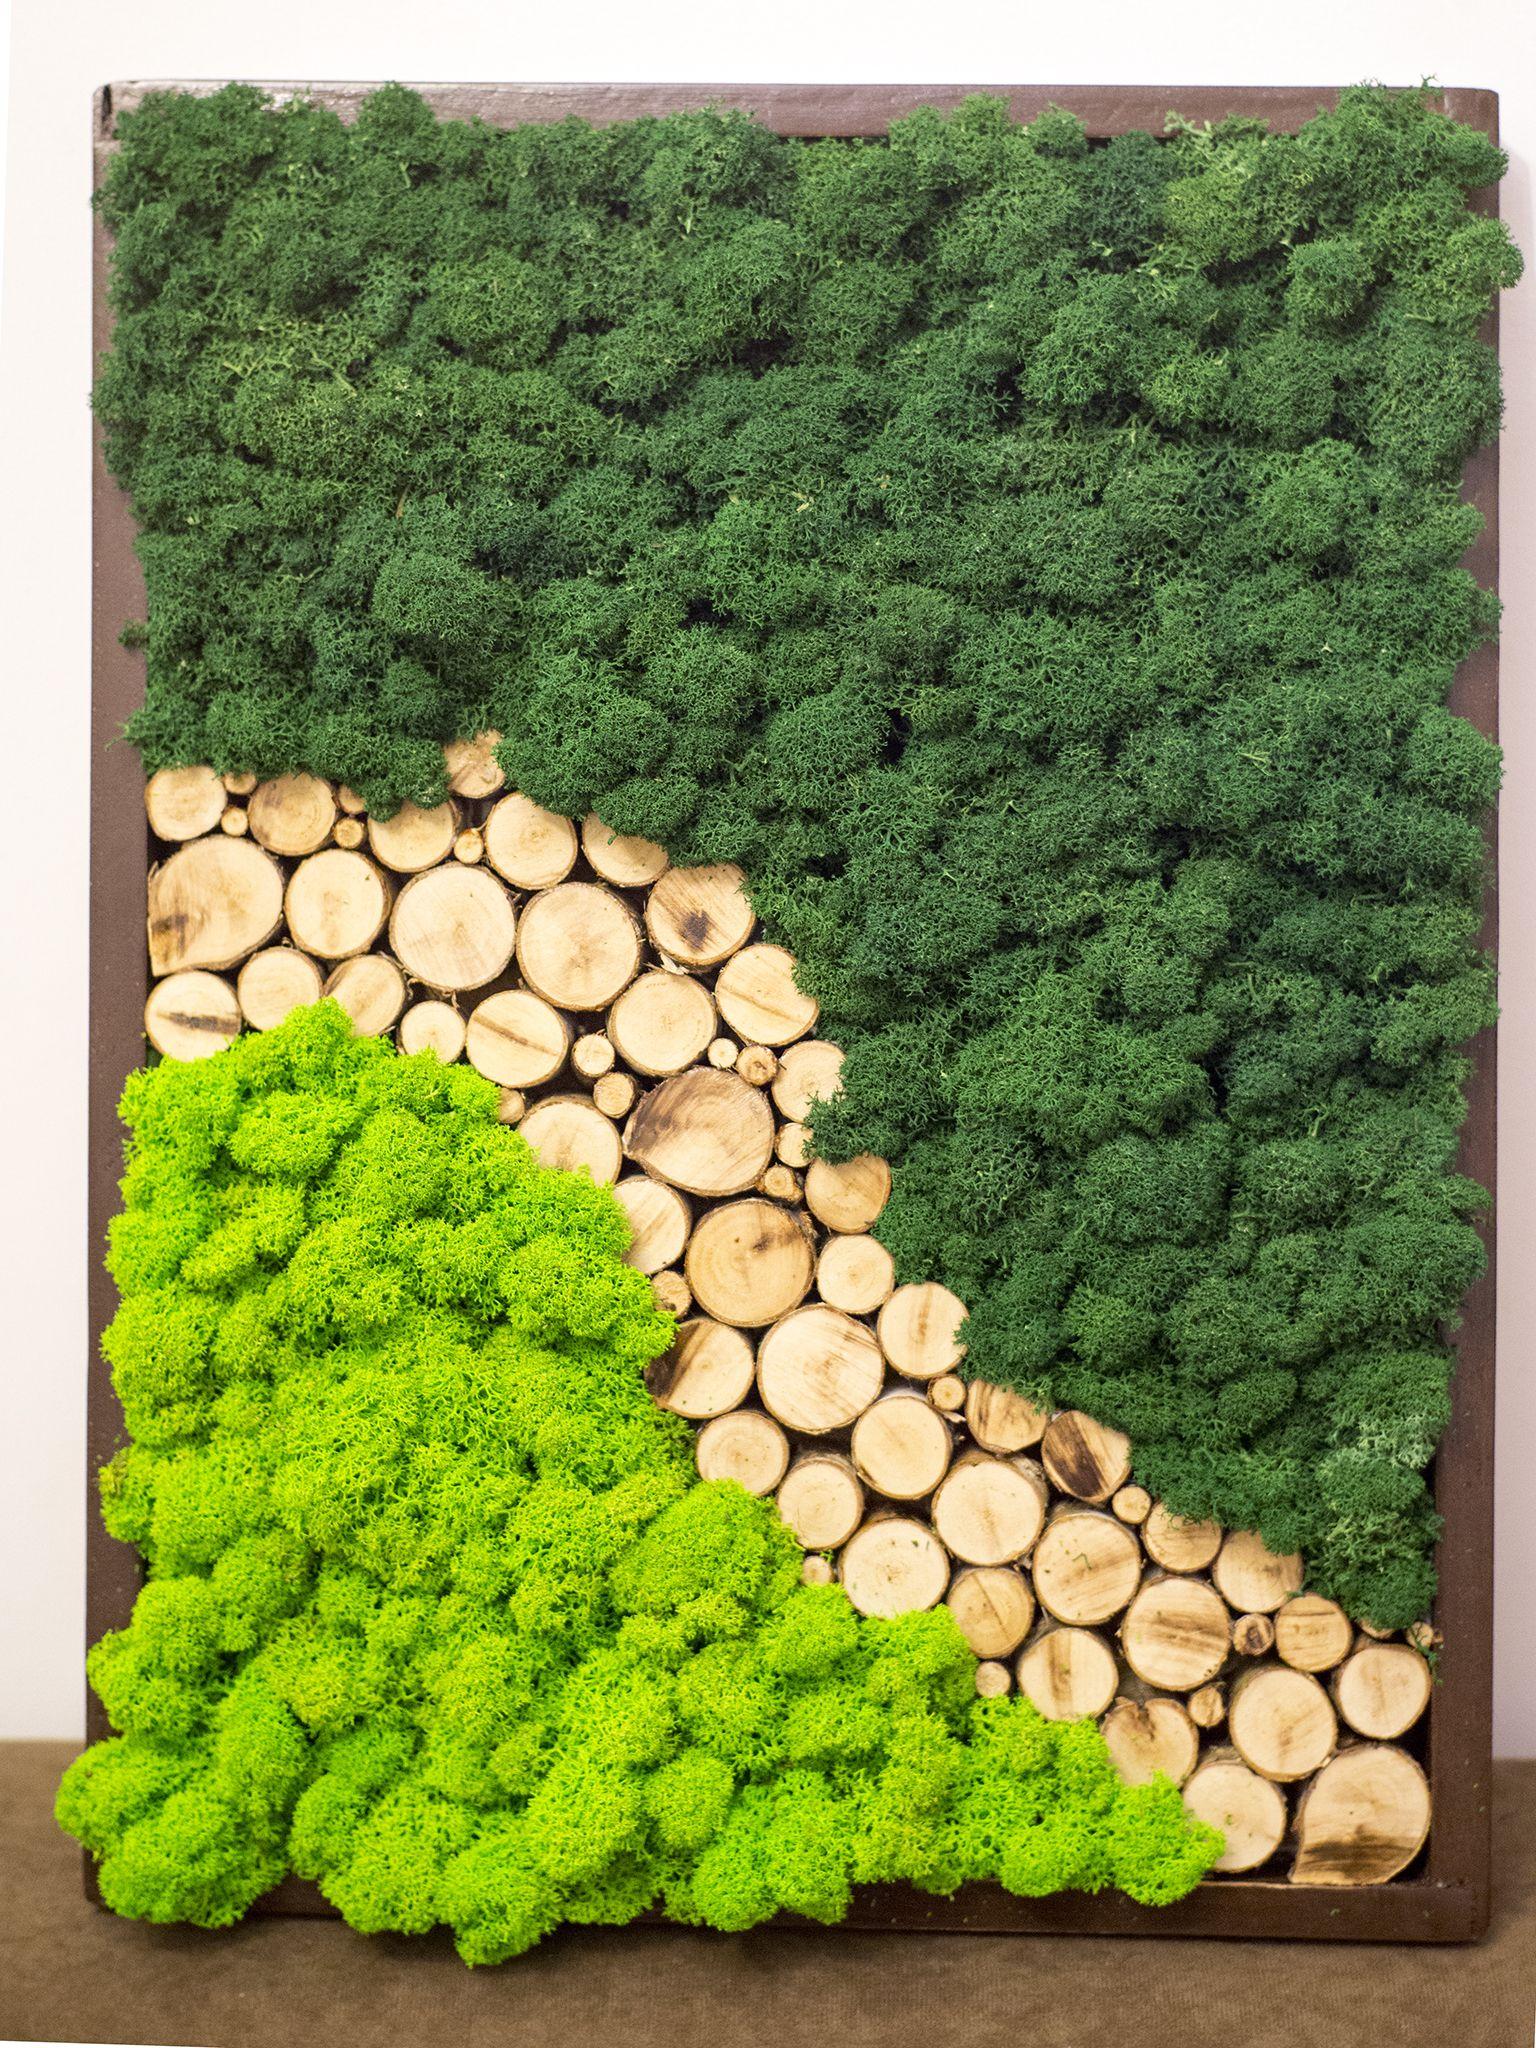 Pin By Wobbitz On Moss Moss Wall Art Moss Decor Moss Art